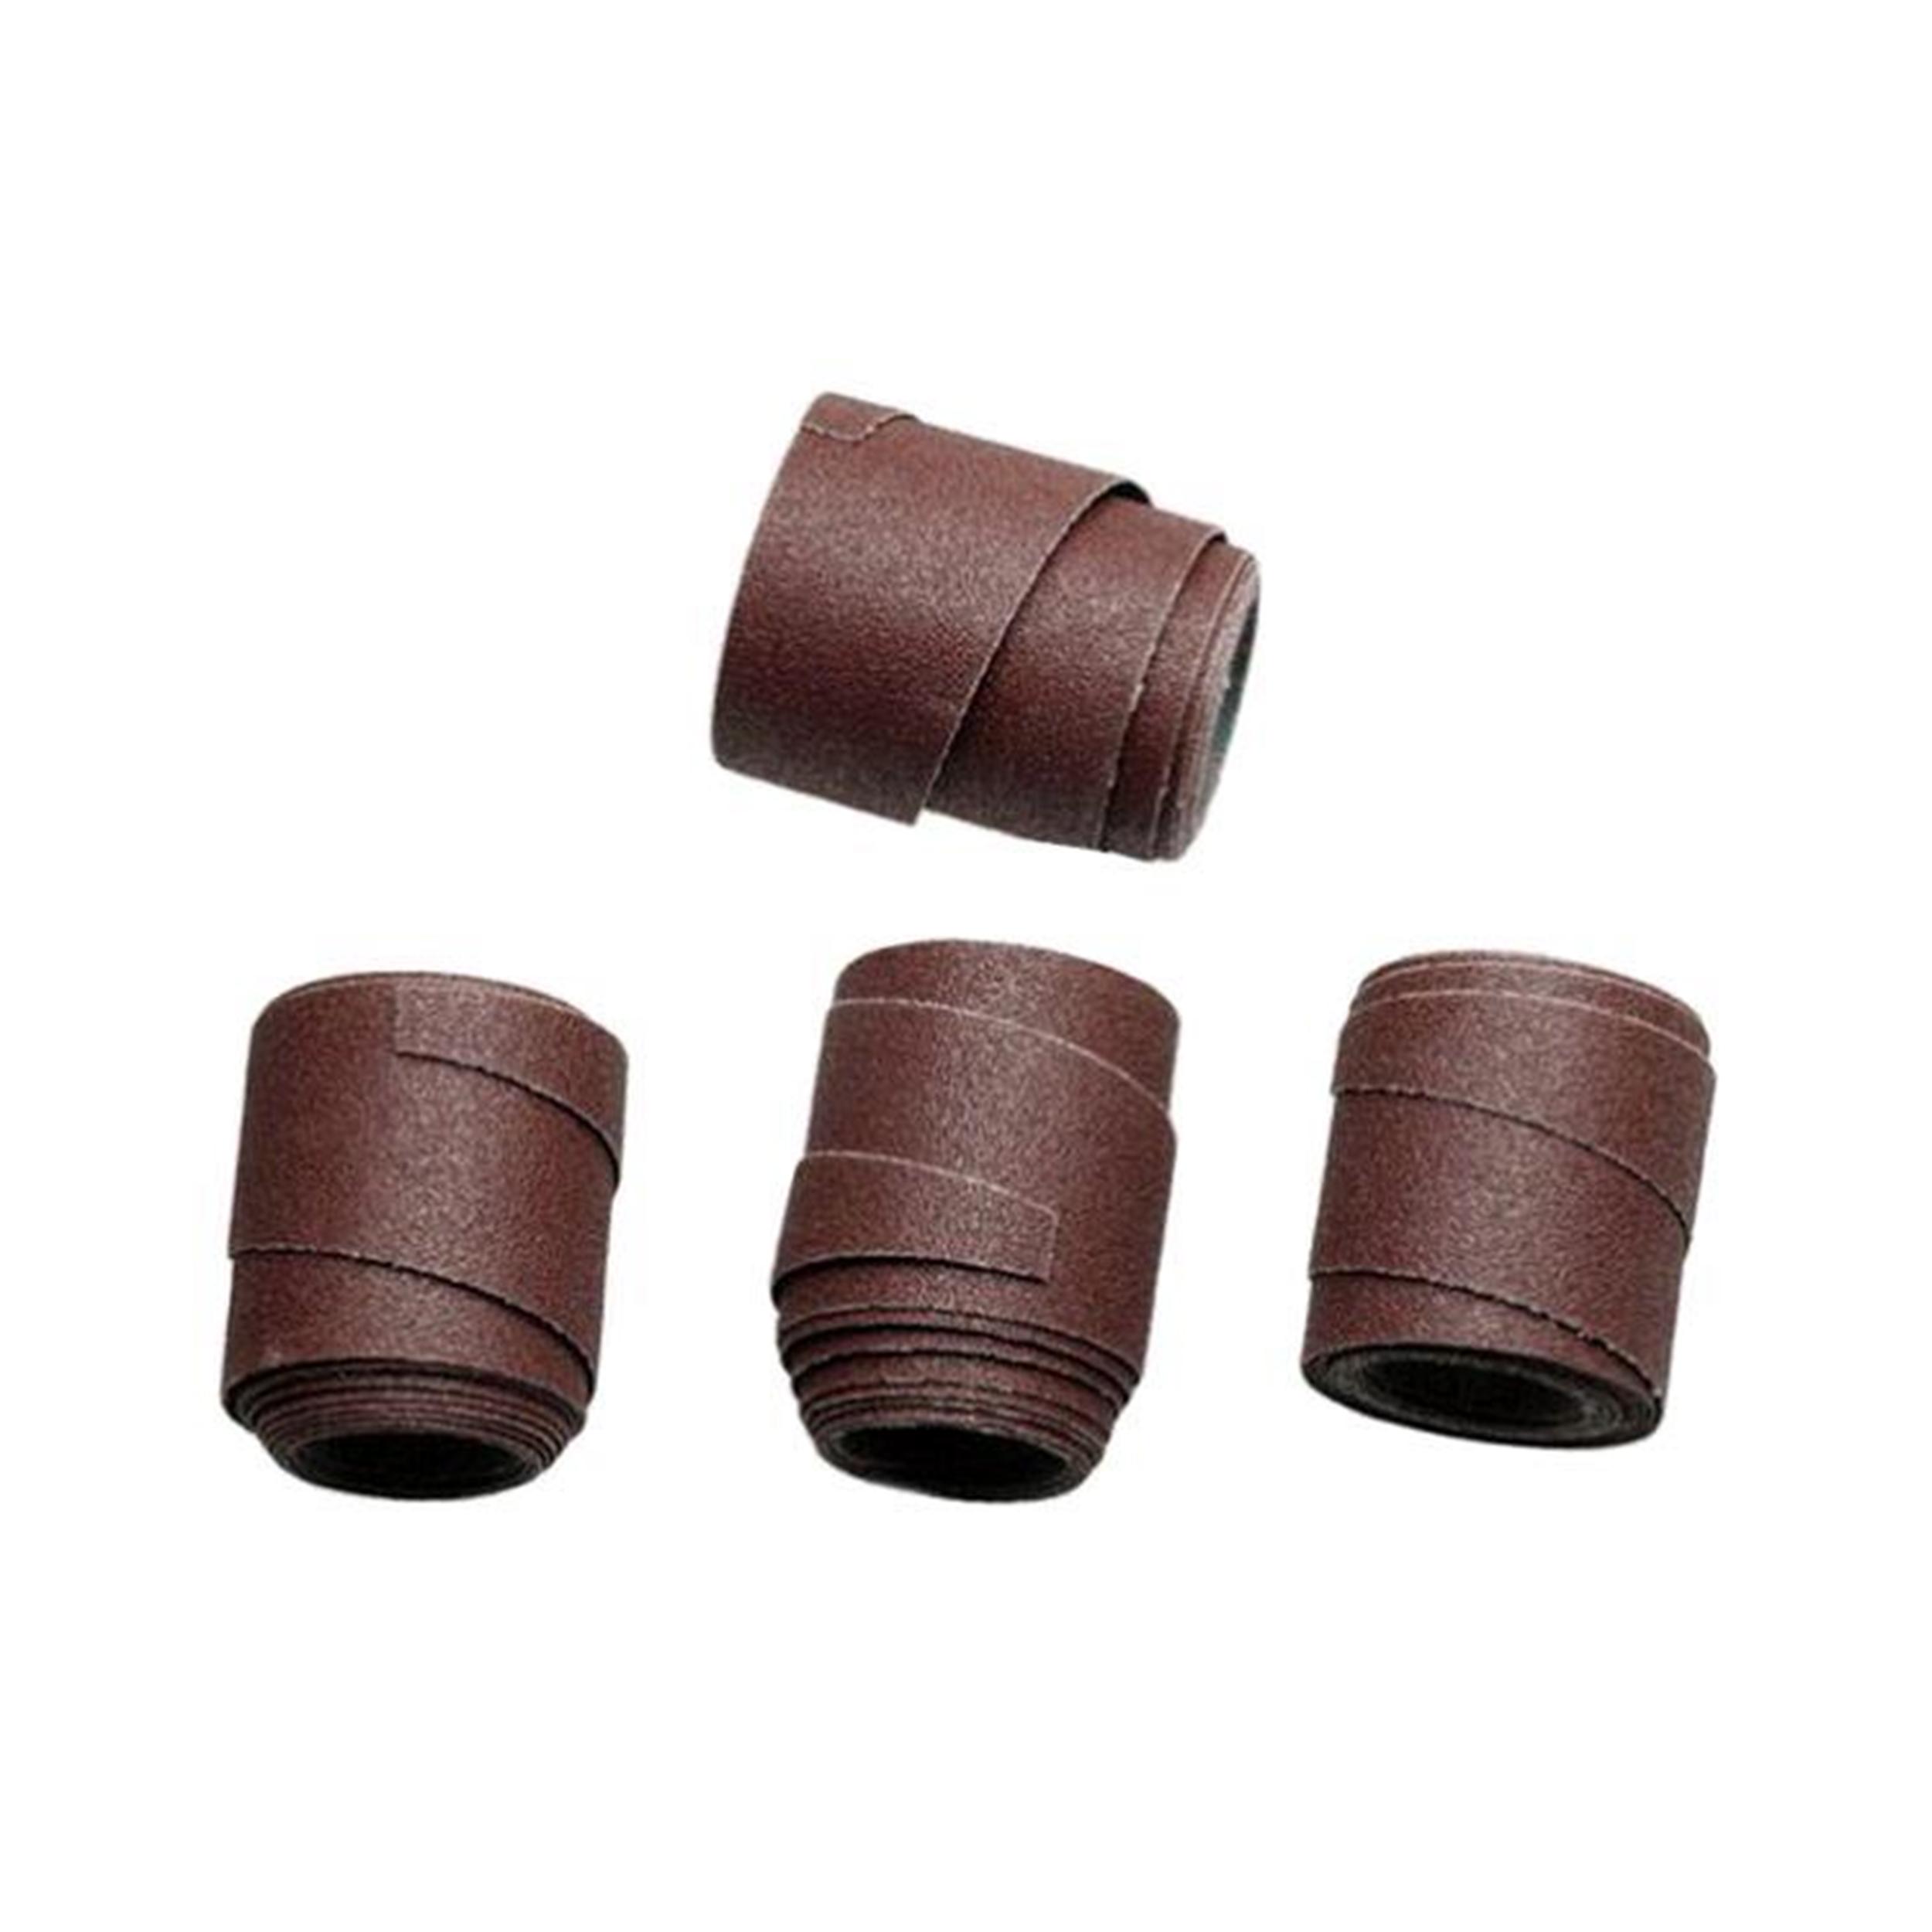 Pre-Cut Abrasive Wraps for 16-32 Drum Sanders 100 Grit 4 pc